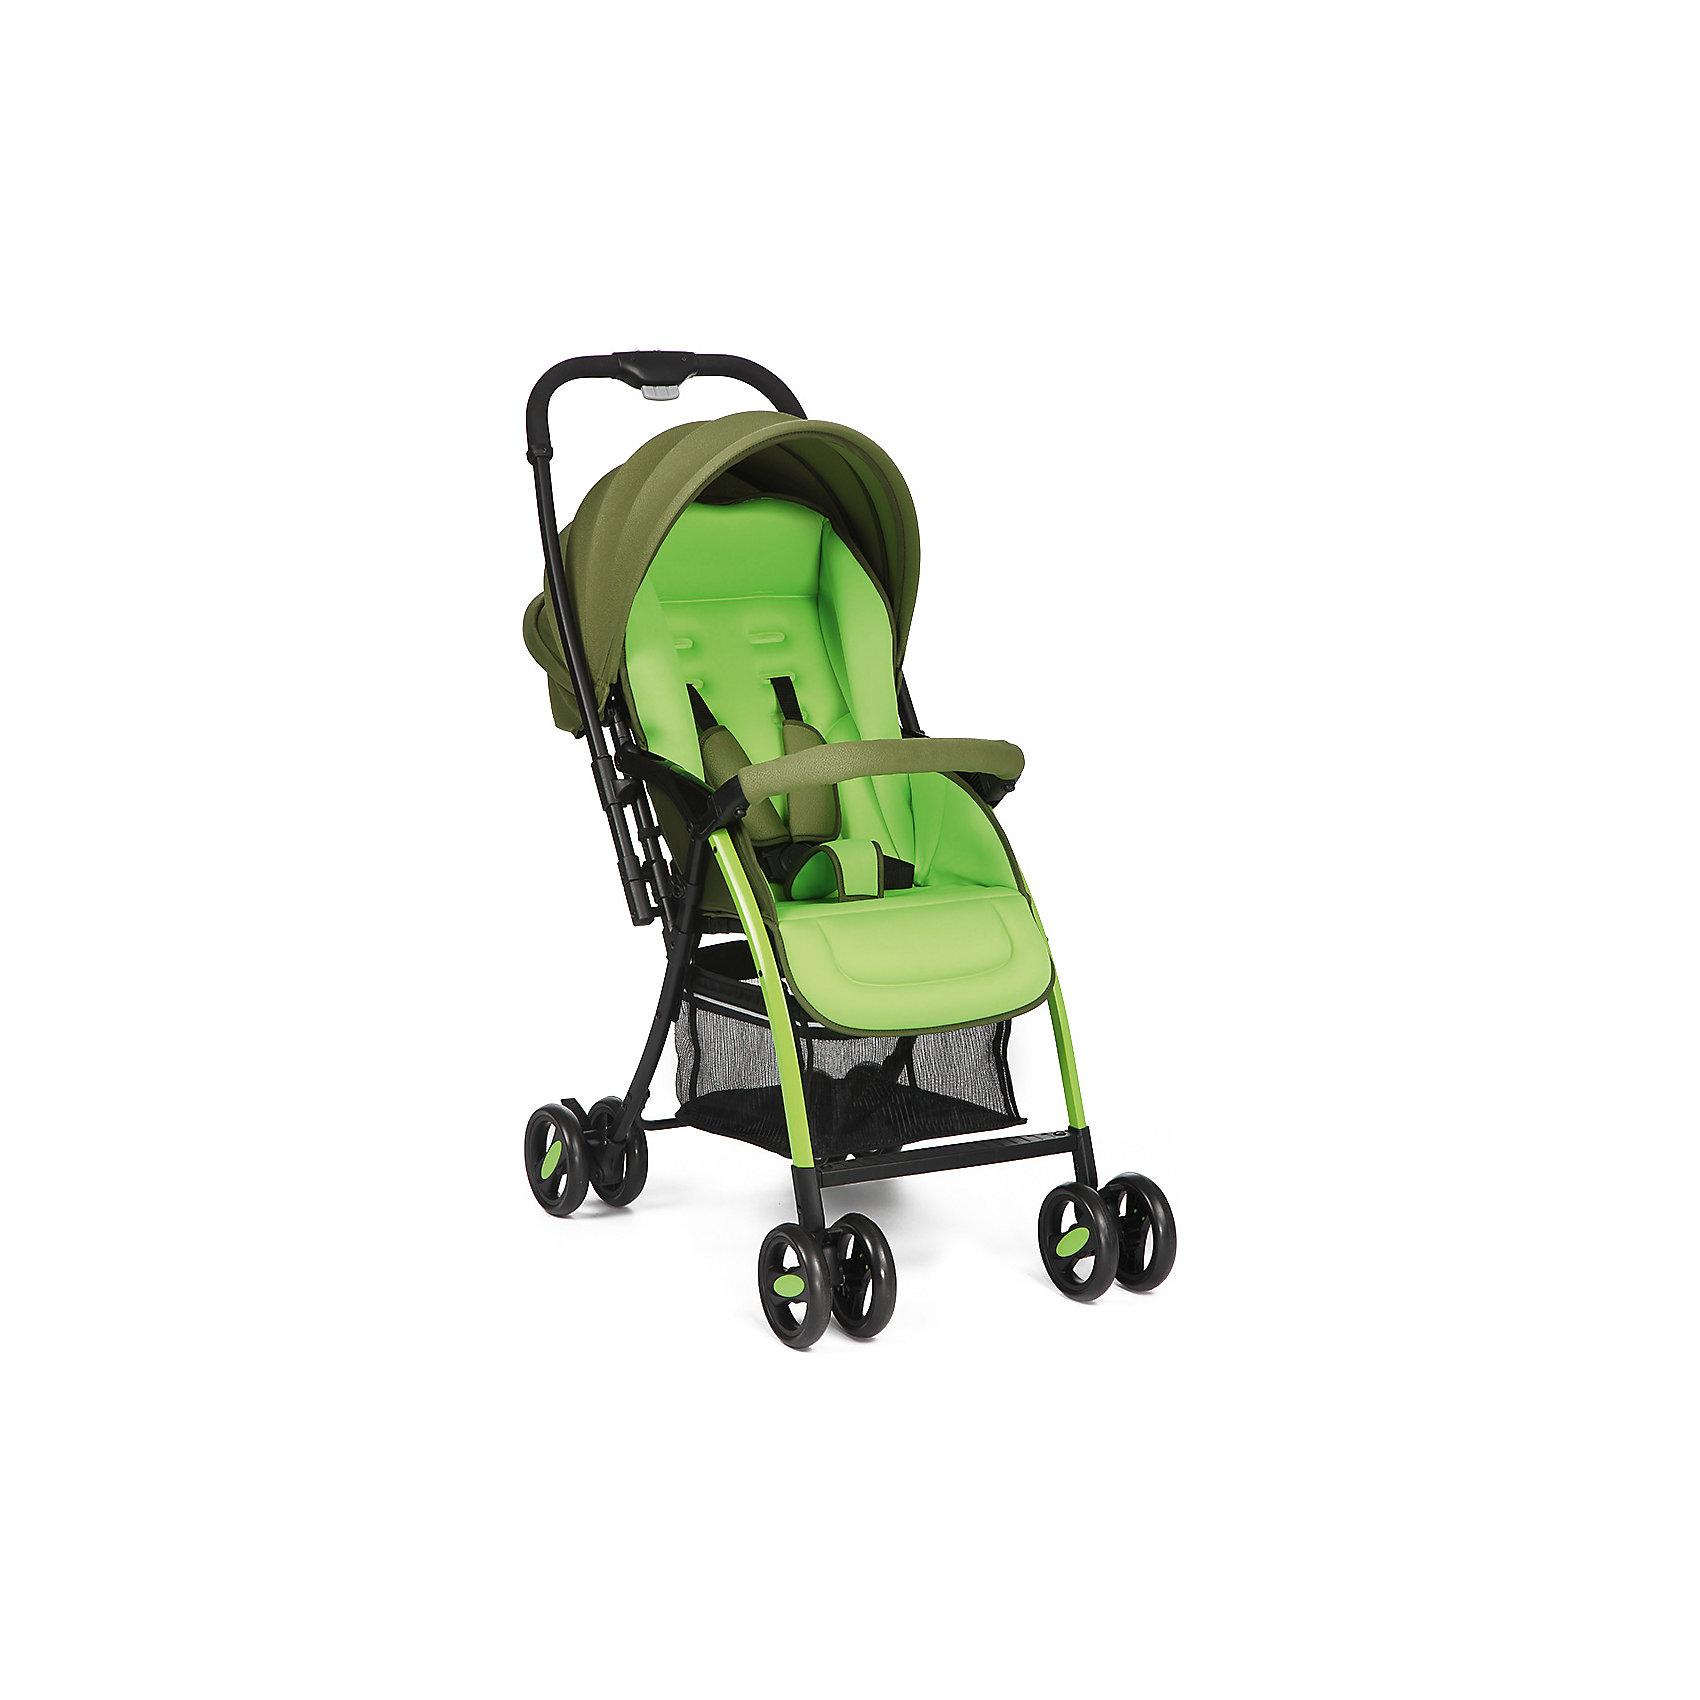 Прогулочная коляска Corol S-6, салатовыйПрогулочные коляски<br>Стильная прогулочная коляска выполнена в современном и удобном дизайне. Прочная и удобная коляска позволит перевозить ребенка, не беспокоясь при этом о его безопасности. Приятный цвет коляски практичен и универсален. За счет продуманной формы колес и амортизации коляска отлично будет ехать как по не ровной дороге, так и по снегу. Коляска легкая и прочная.<br>Конструкция - очень устойчивая. Модель дополнена 5-точечными ремнями безопасности. Изделие произведено из качественных и безопасных для малышей материалов, оно соответствуют всем современным требованиям безопасности.<br><br>Дополнительная информация:<br><br>цвет: салатовый;<br>механизм складывания: книжка; <br>возраст ребенка: от 6 месяцев;<br>вес коляски: 5,5 кг;<br>4 колеса;<br>фиксация задних колес;<br>регулировка подножки по высоте;<br>перекидная ручка;<br>ремни безопасности: пятиточечные;<br>с широким сидением;<br>большой капюшон;<br>съемный бампер<br>максимальная нагрузка: 15 кг;<br>размер коляски в разложенном виде: 51 x 103 x 87 см.<br><br>Прогулочную коляску S-6, салатовый от компании Corol можно купить в нашем магазине.<br><br>Ширина мм: 1200<br>Глубина мм: 530<br>Высота мм: 720<br>Вес г: 4500<br>Возраст от месяцев: 6<br>Возраст до месяцев: 36<br>Пол: Унисекс<br>Возраст: Детский<br>SKU: 4778507